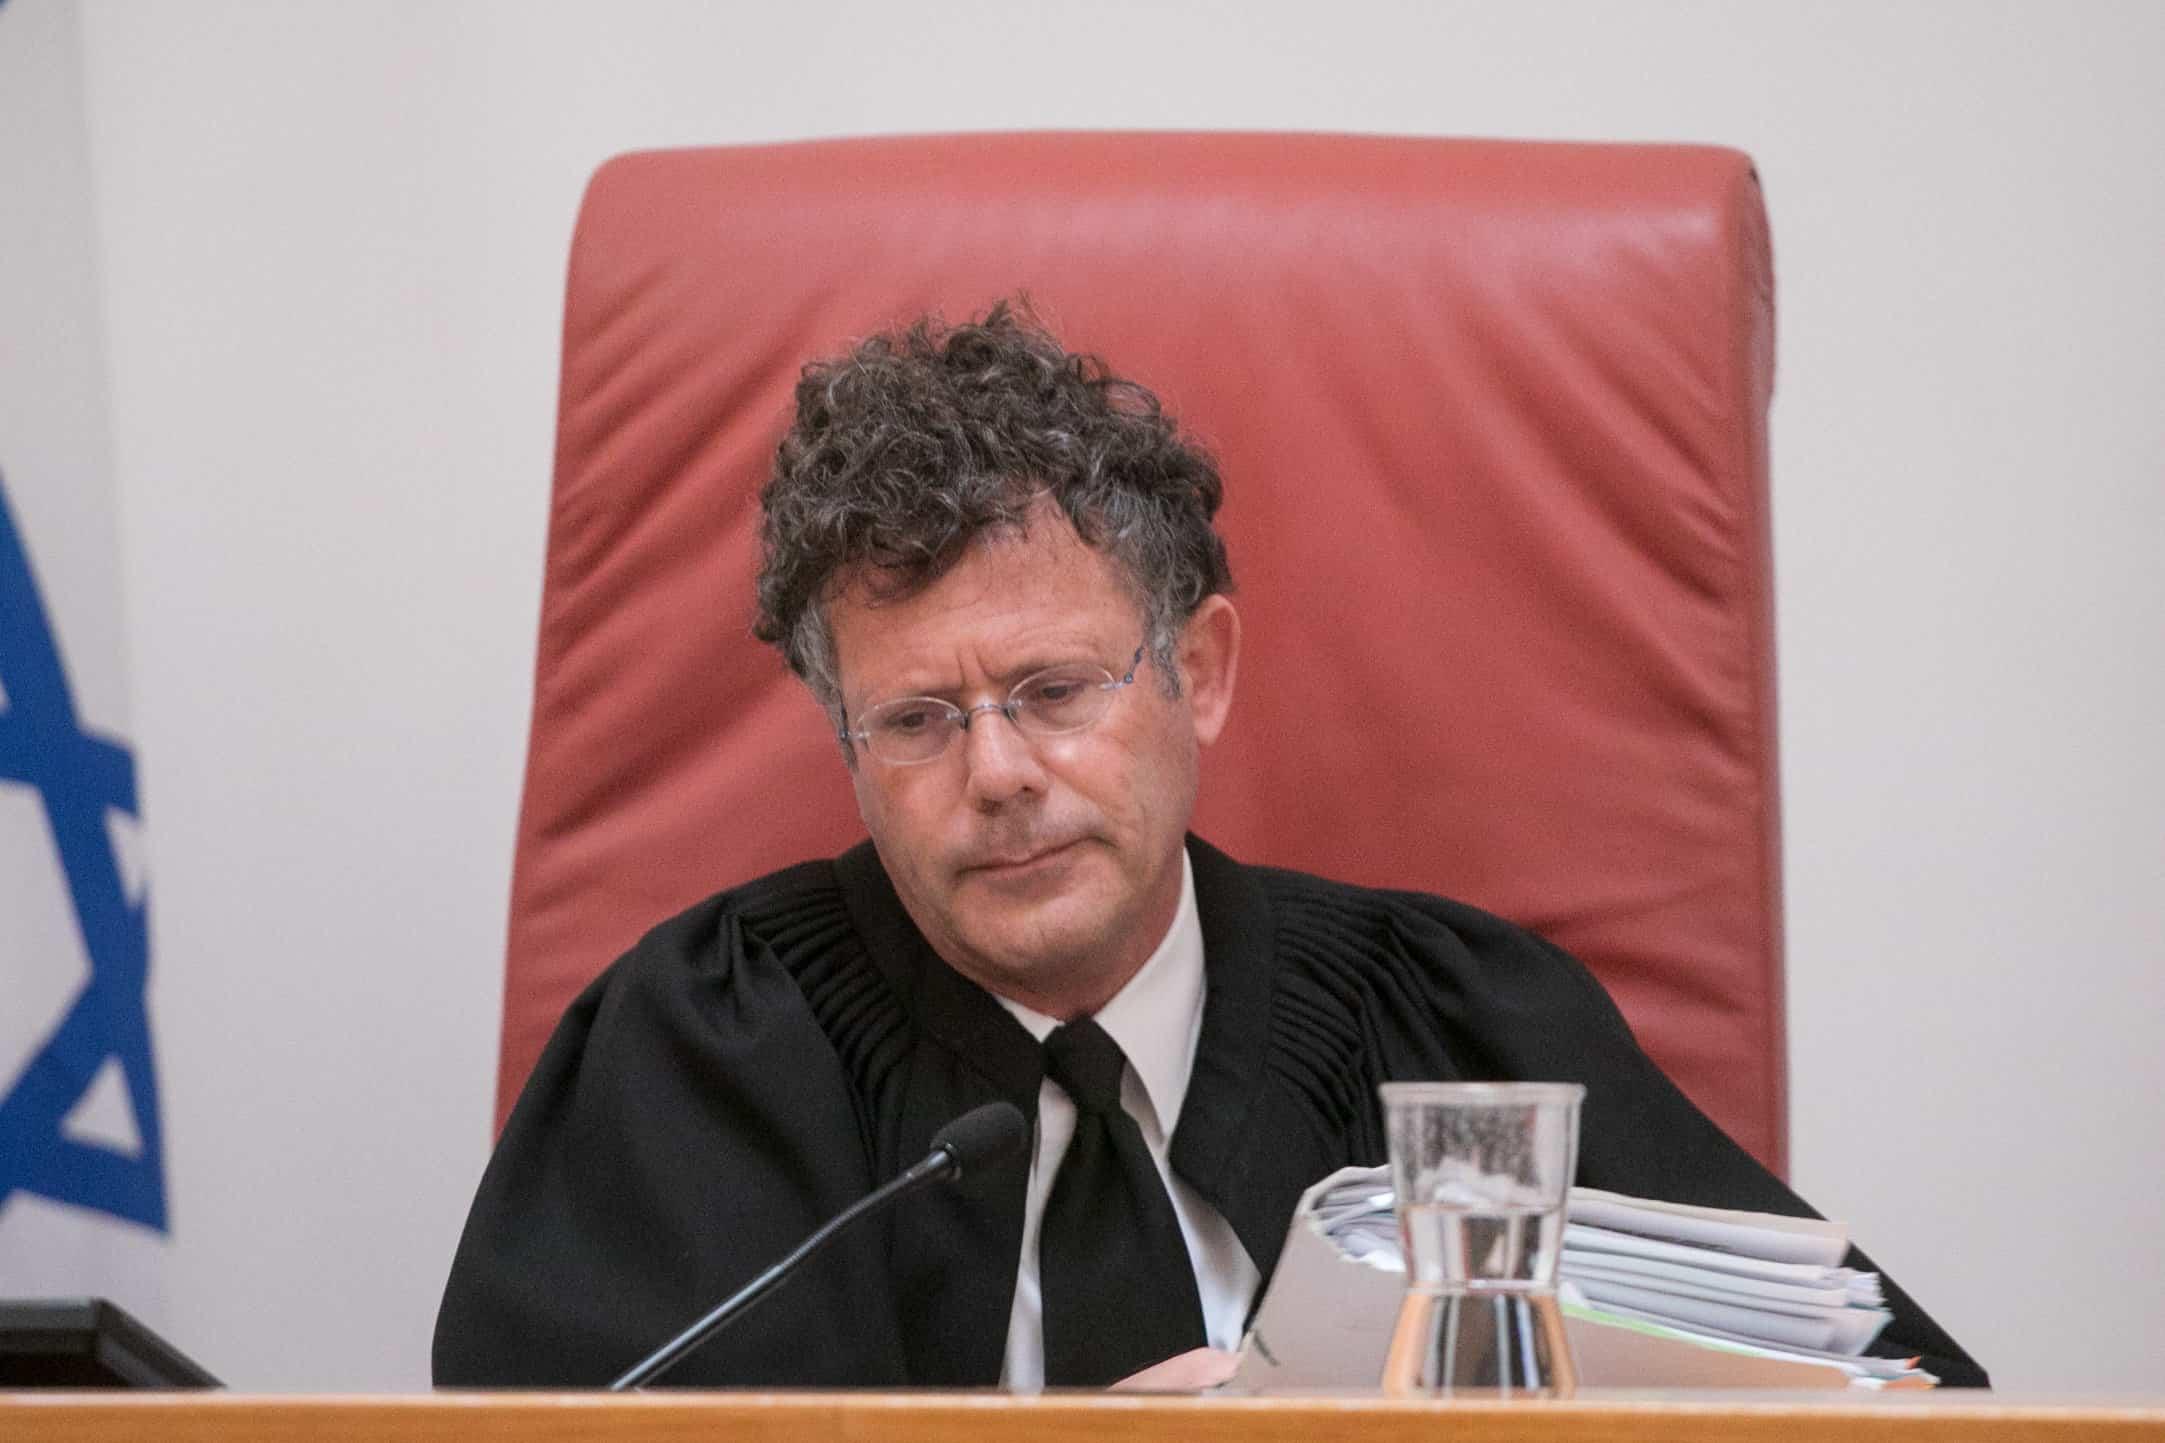 שופט בית המשפט העליון יצחק עמית (צילום: מרים אלסטר/פלאש90)